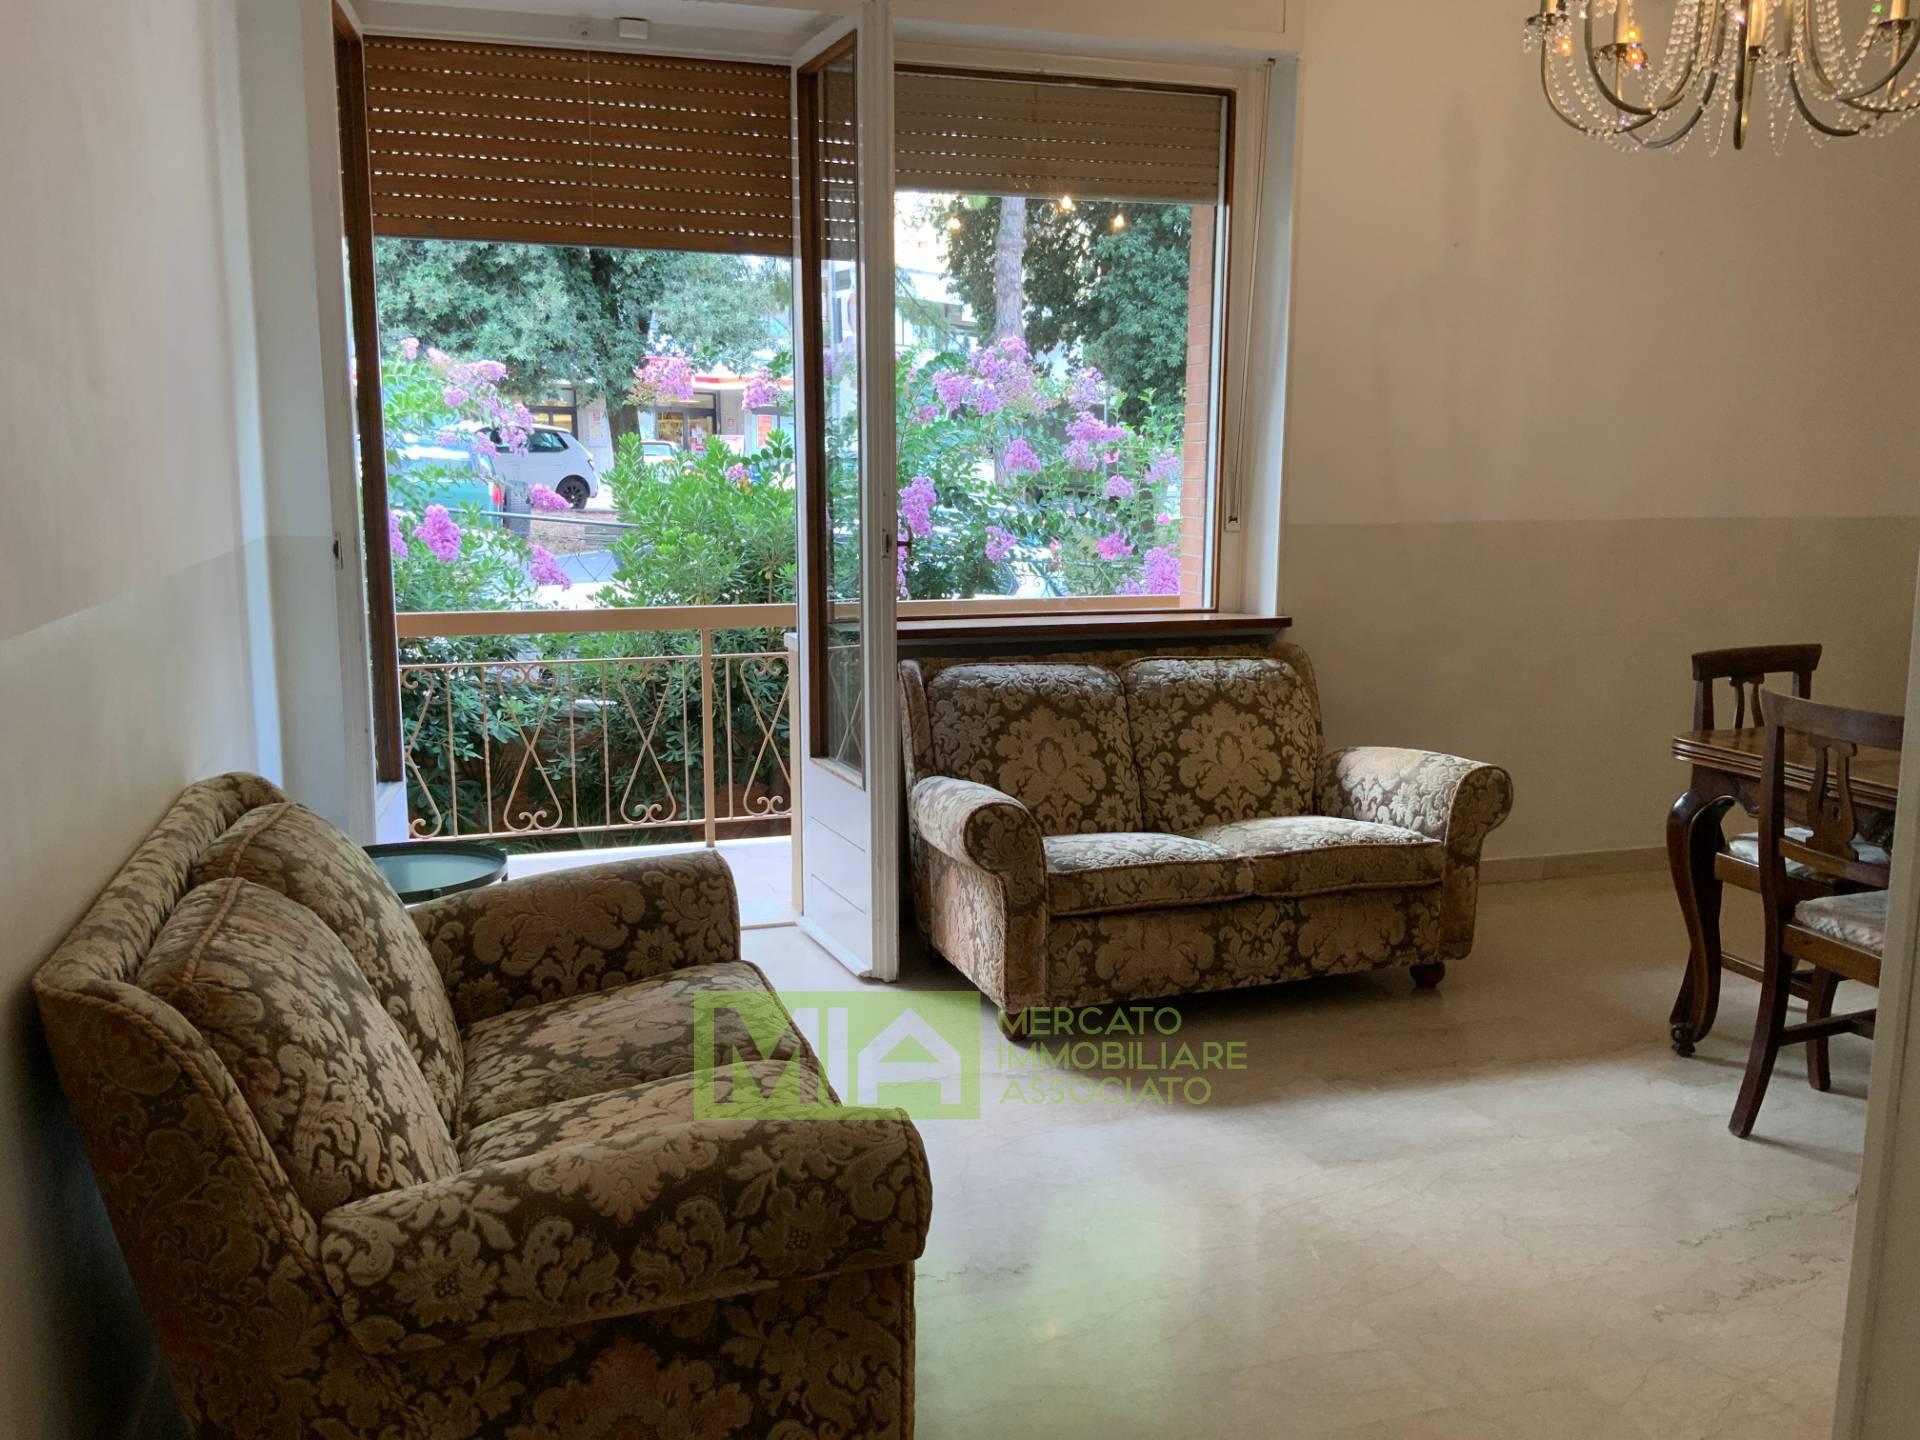 Appartamento in vendita a Macerata, 8 locali, zona Località: COLLEVERDE, prezzo € 215.000   CambioCasa.it